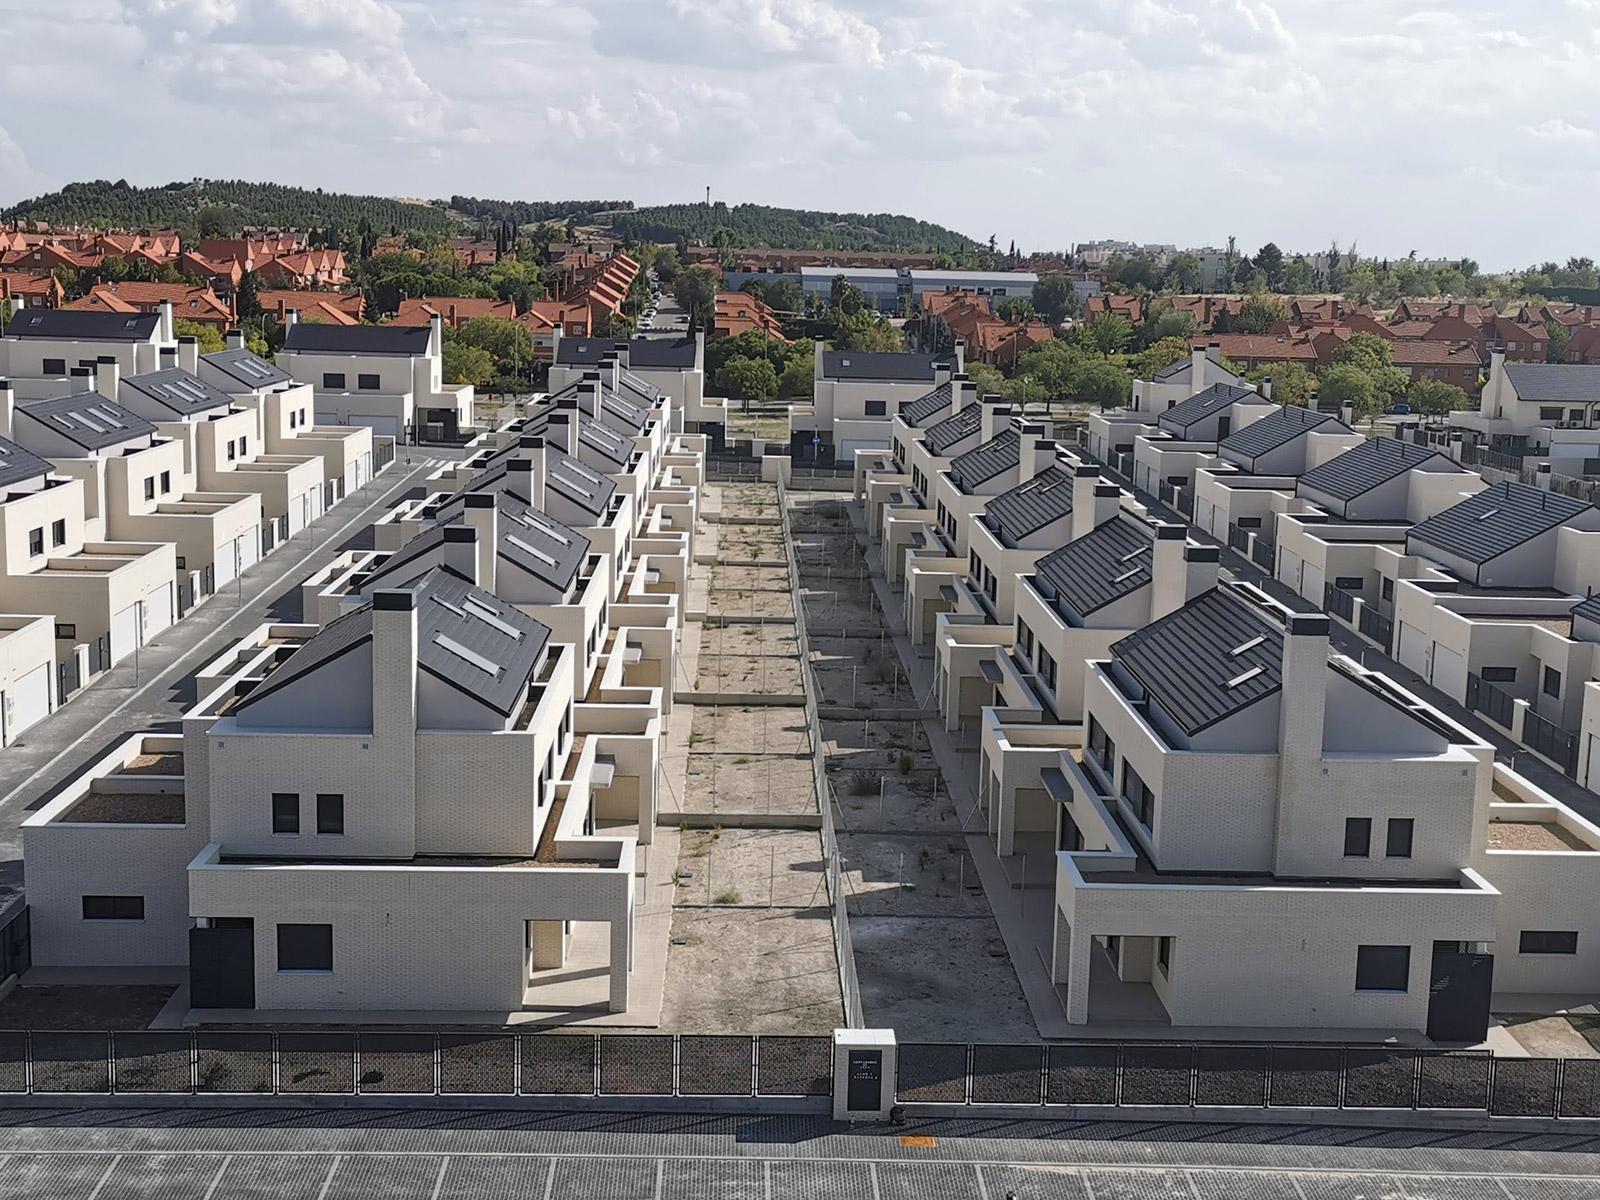 Conjunto de 104 Chalets en Rivas Vaciamadrid, promovidos y construidos por Jarama/Solarco